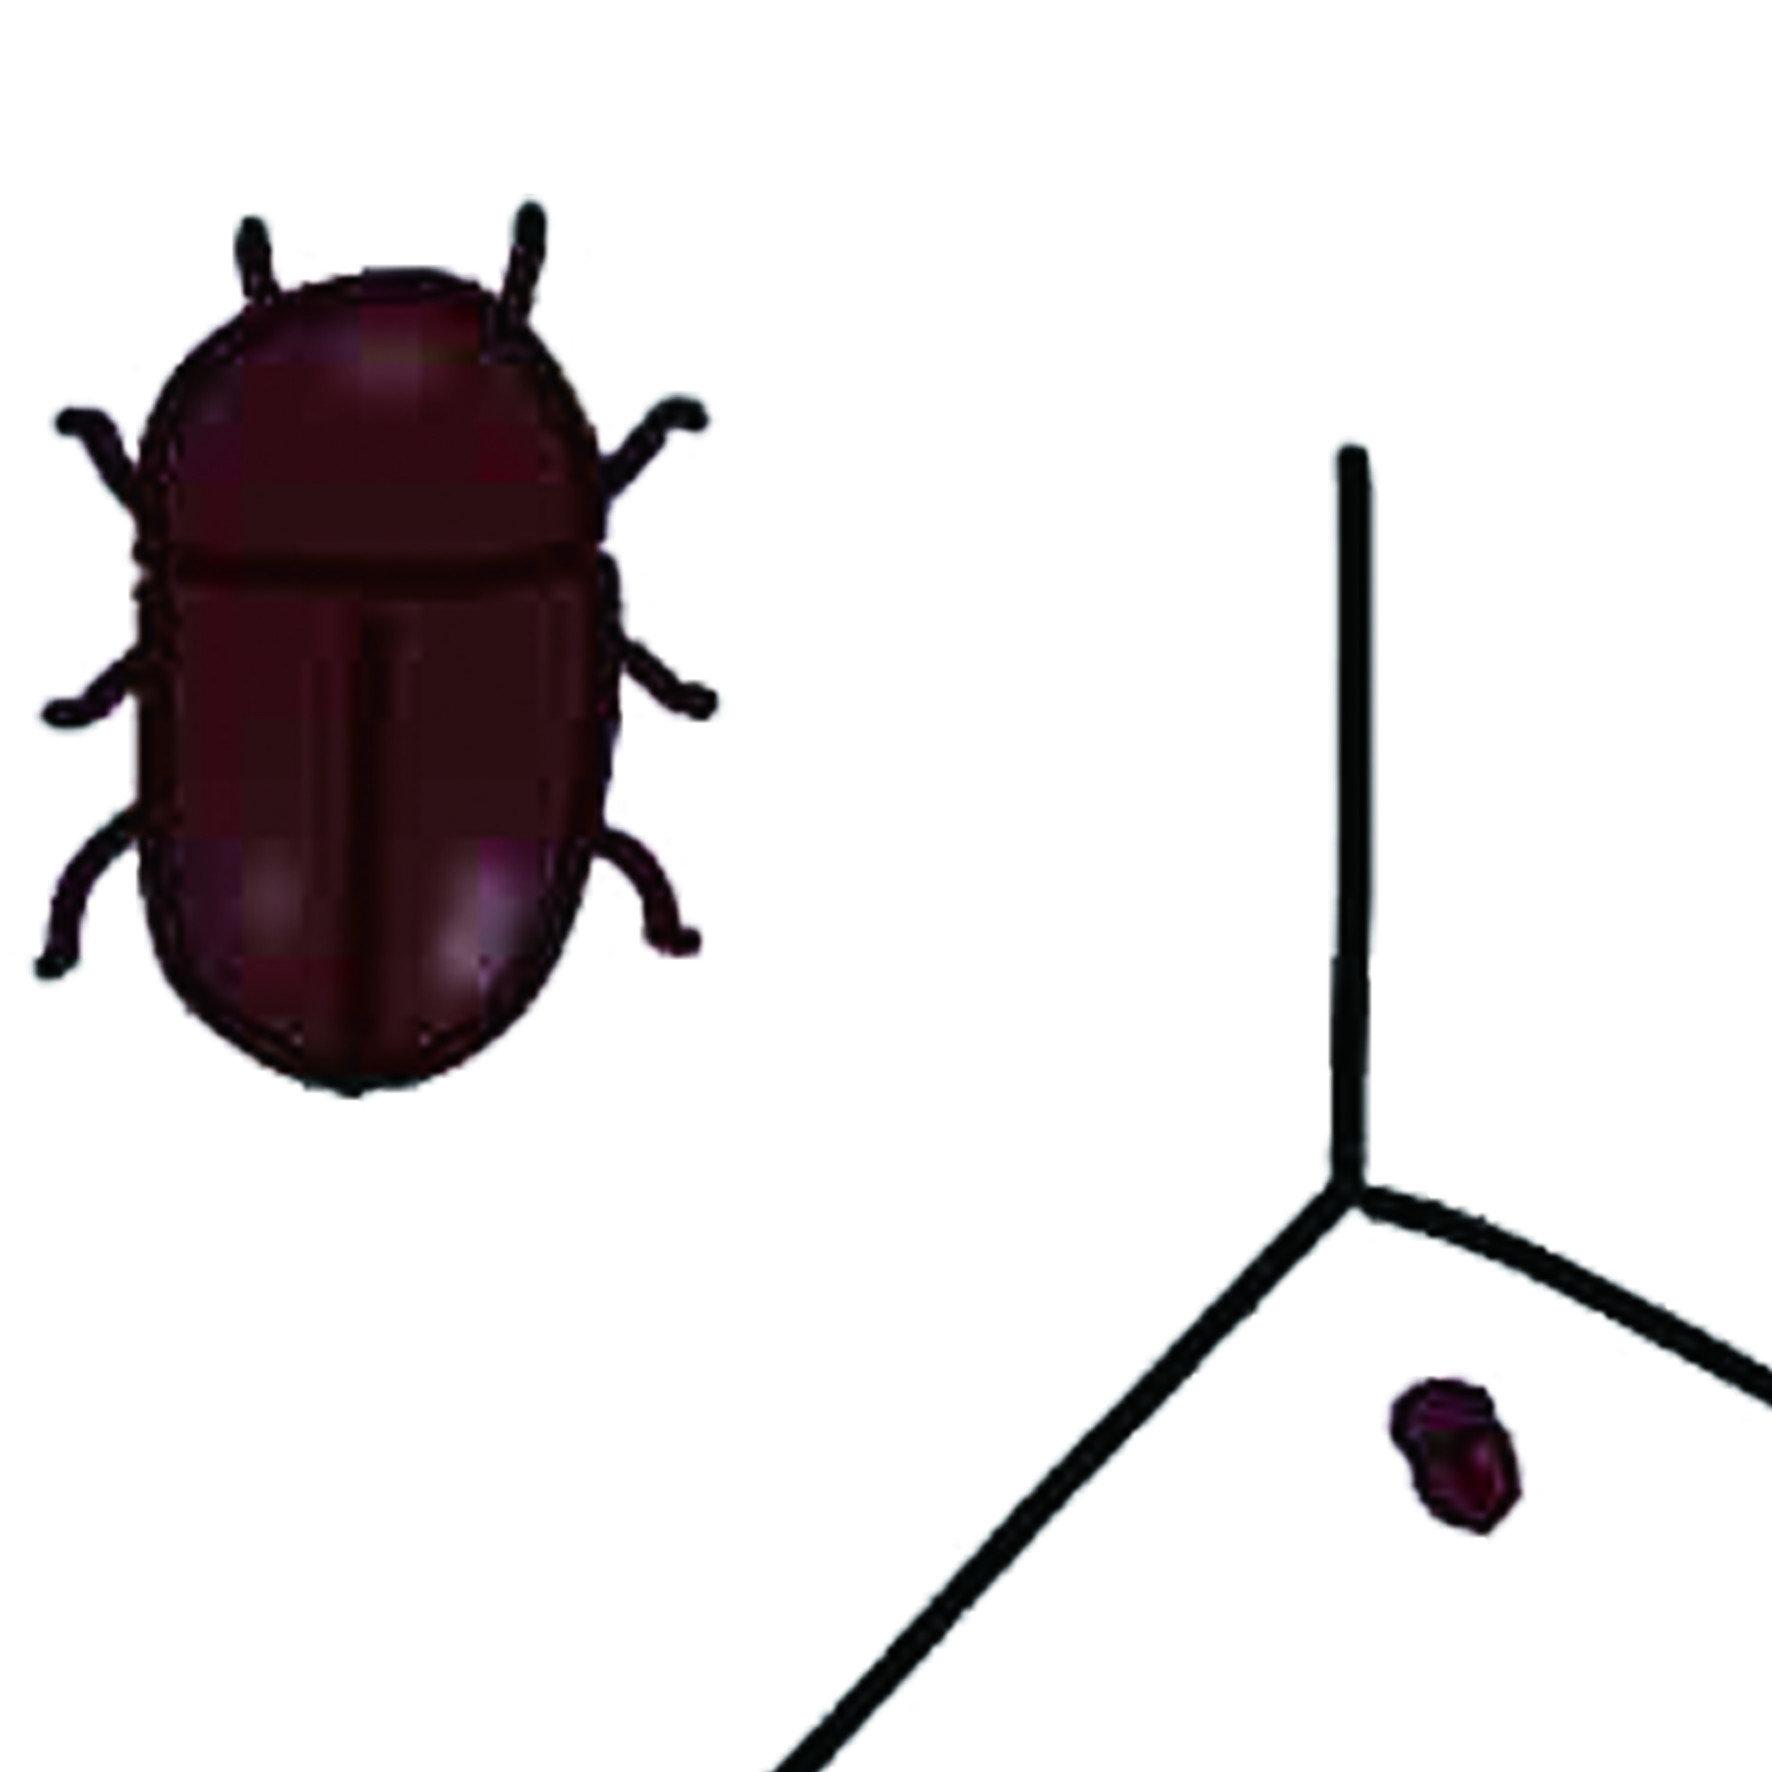 煙甲蟲生命力強韌,體型渺小,卻可挨餓長達10天。溫度低於15.5C時,可「停機」進入休眠狀態,時間可長達數月之久。除了倉庫之外,煙甲蟲也會進入居家環境中。穀物或茶葉充填的枕頭,就是煙甲蟲最主要的居家滋生空間。